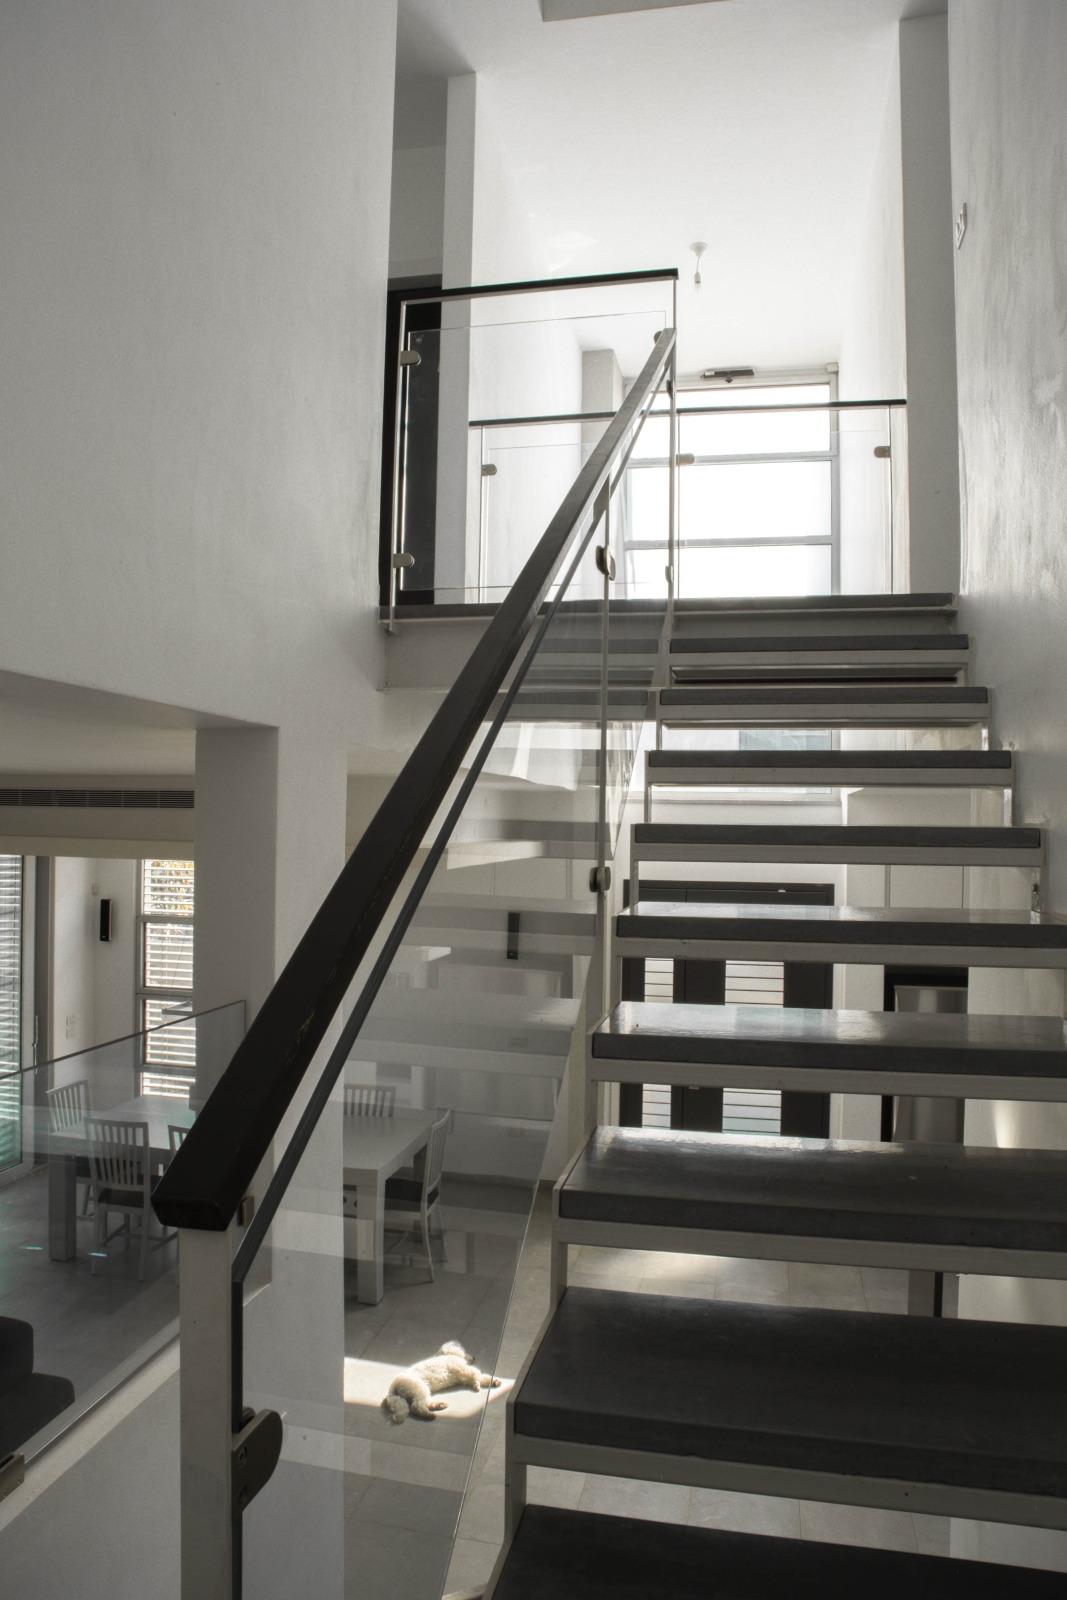 מדרגות ברזל ובטון. אדריכלות מודרנית